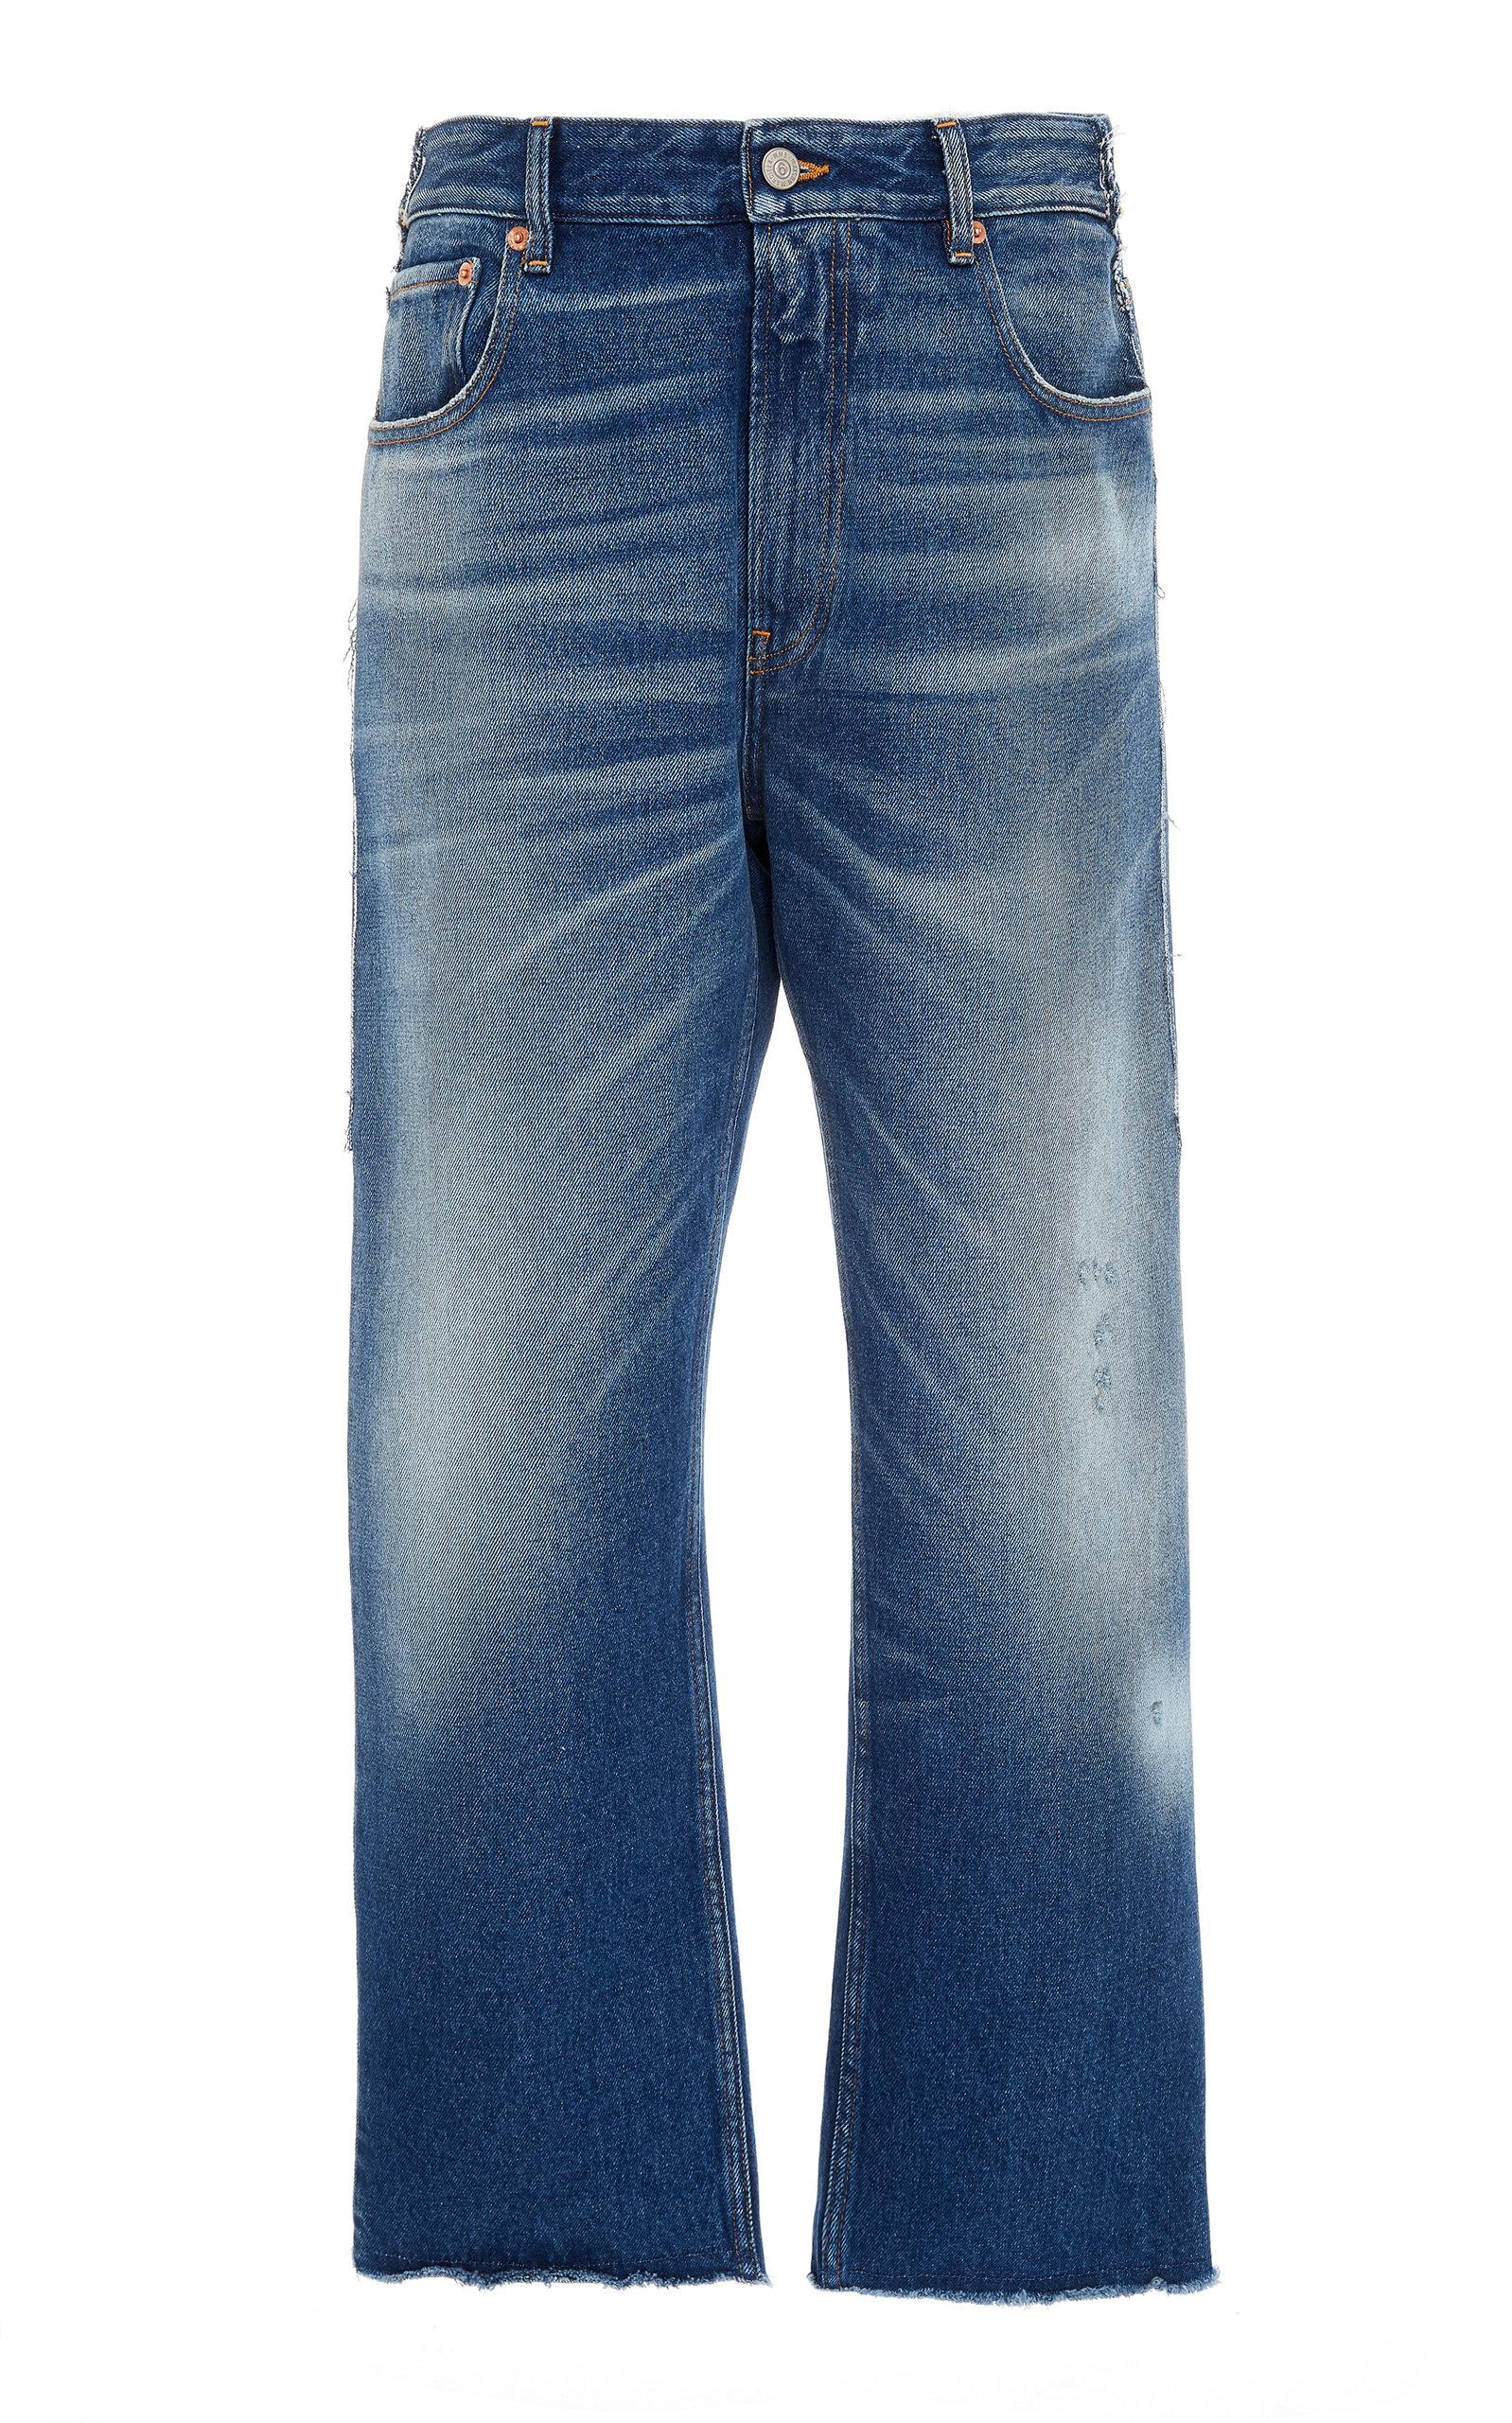 Diy Patchwork Rigid High Rise Cropped Boyfriend Jeans